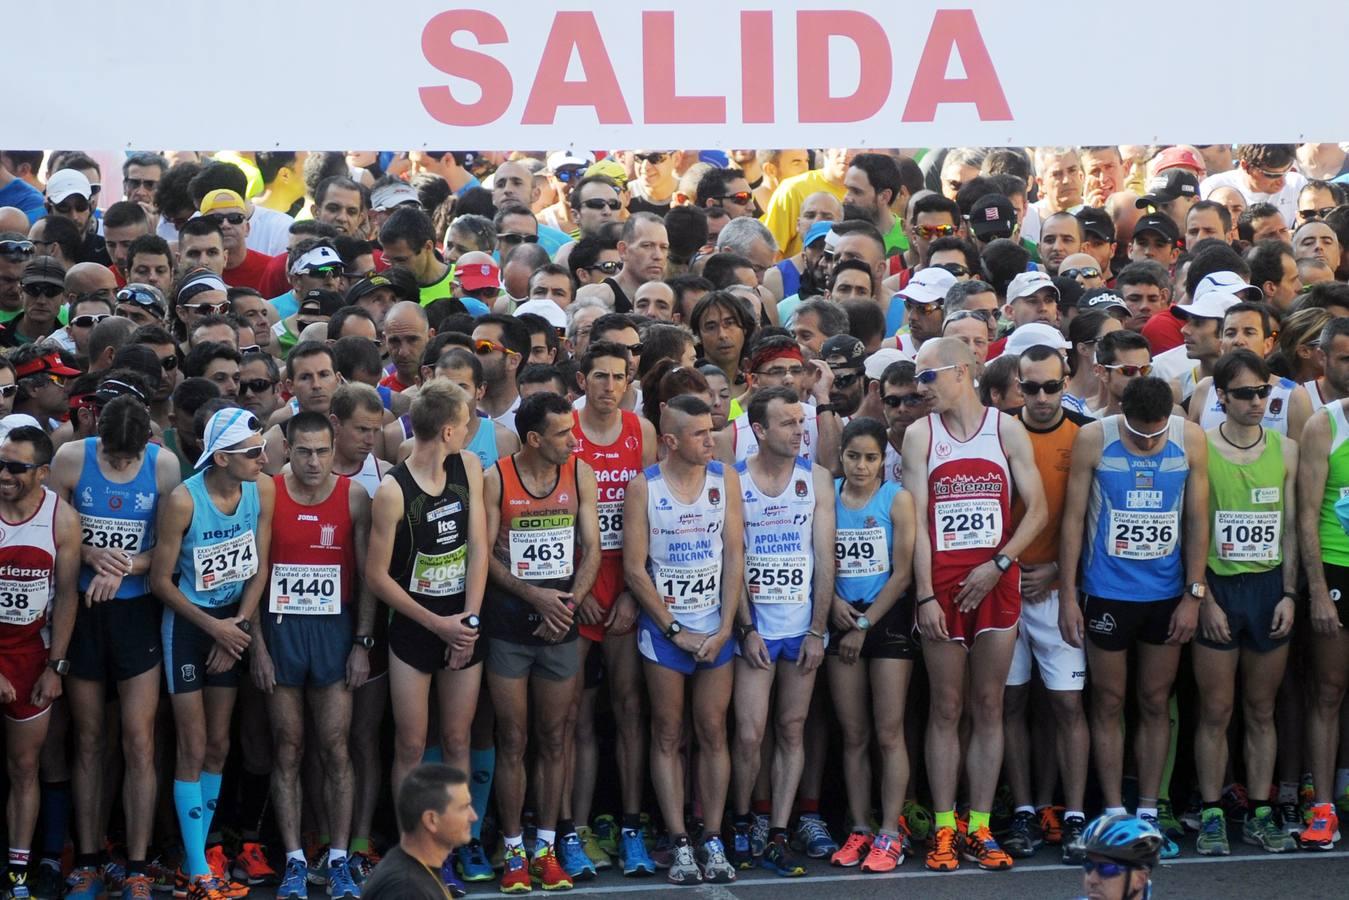 XXXV Media Maratón de Murcia